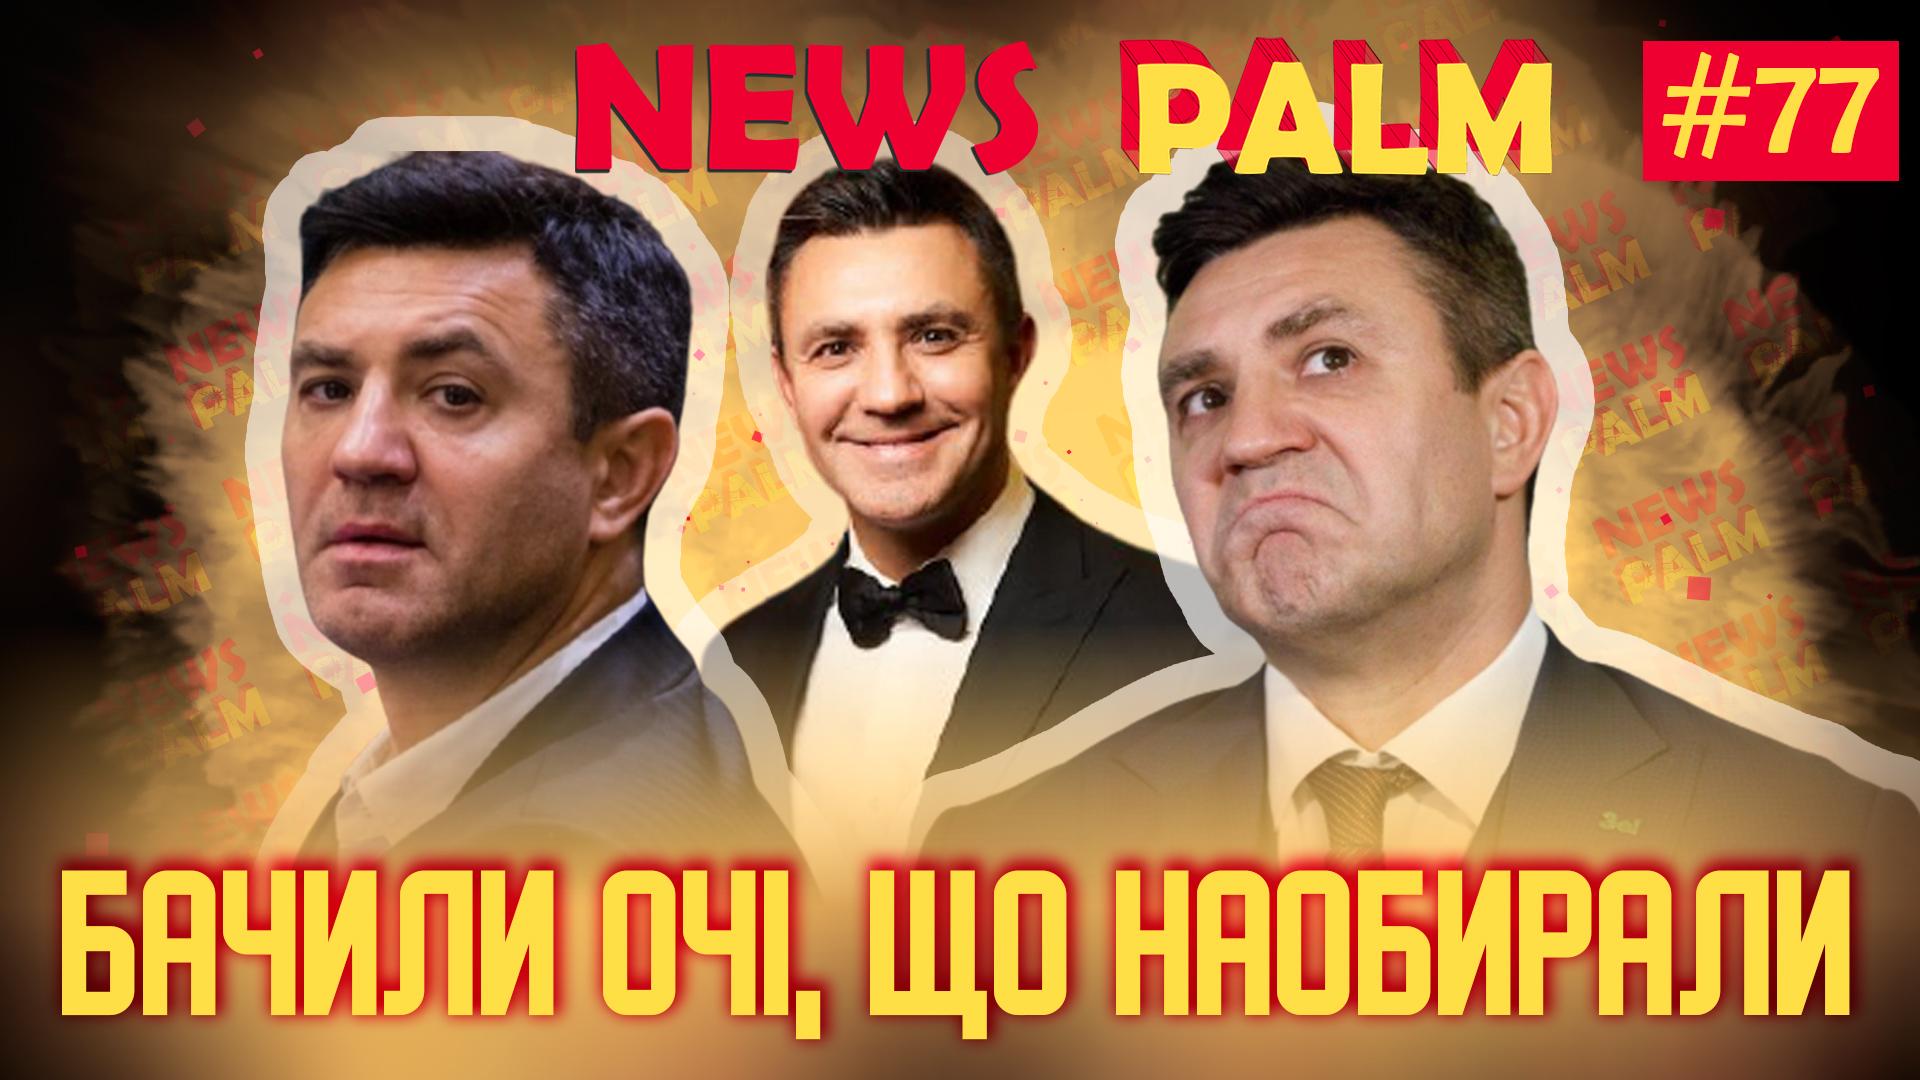 Микола Тищенко: надувна лялька, дупа і пісок / Спецвипуск Ньюспалму